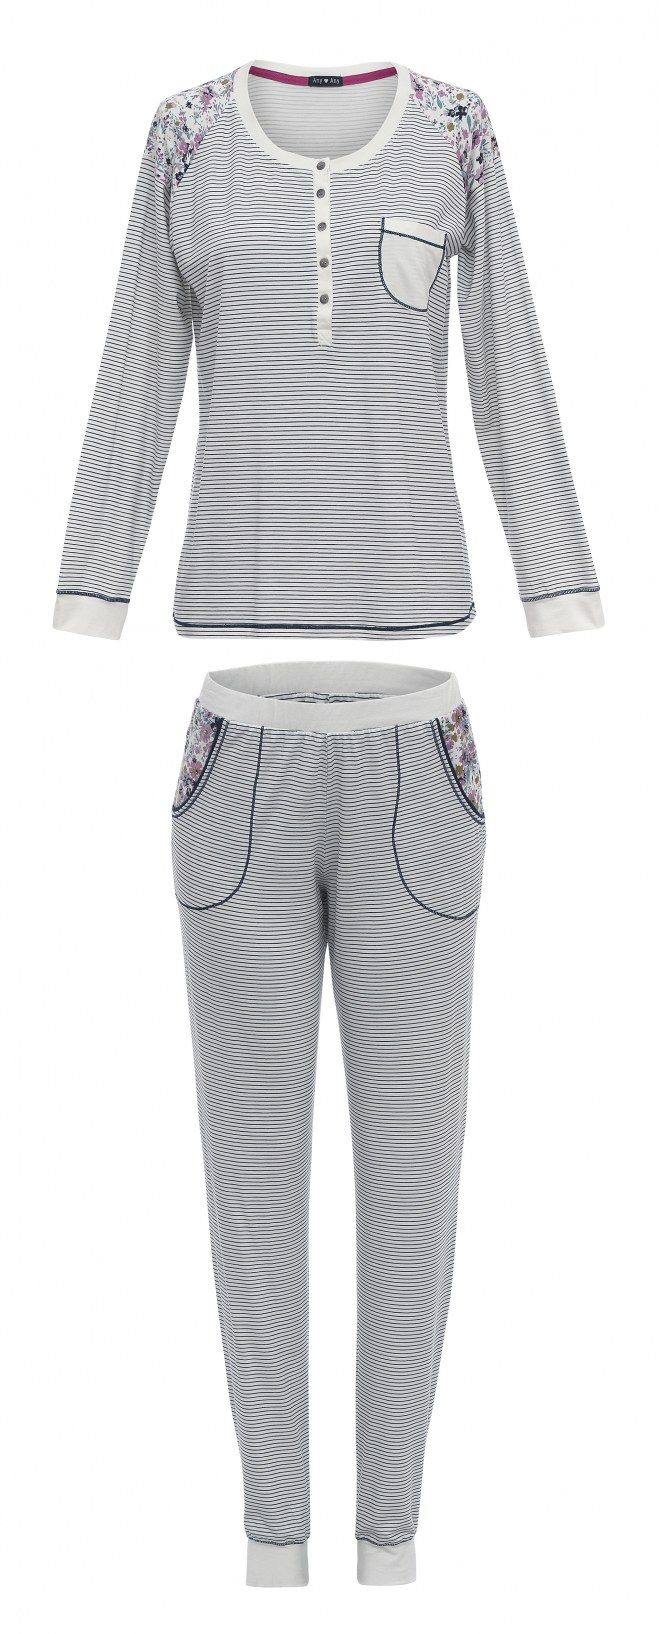 Escolha o seu pijama quentinho e aconchegante para aproveitar o inverno.